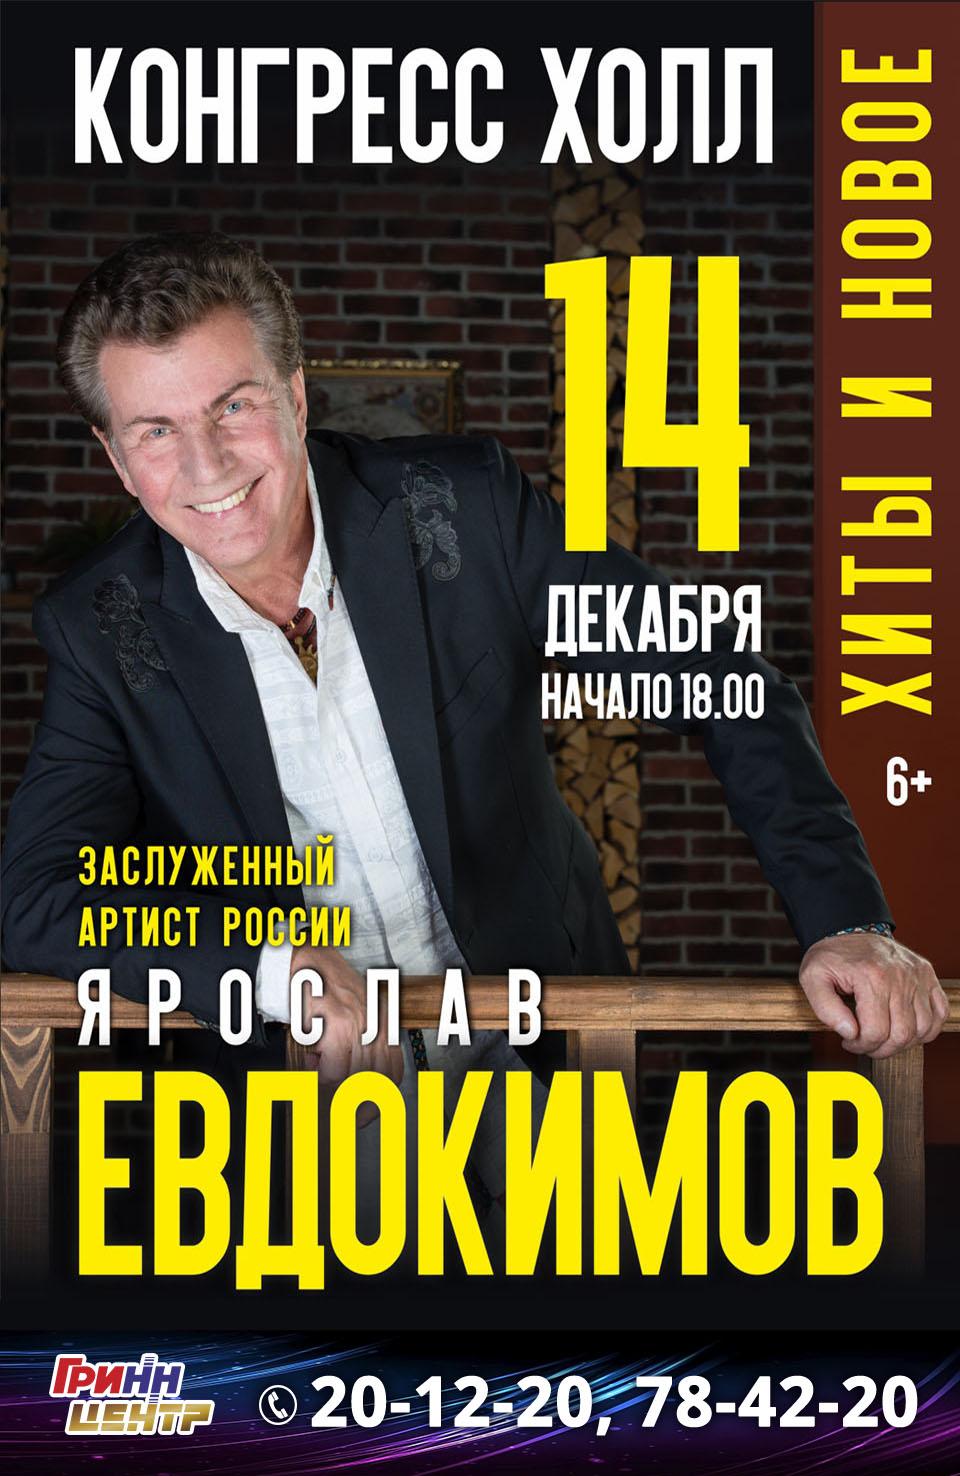 Ярослав Евдокимов